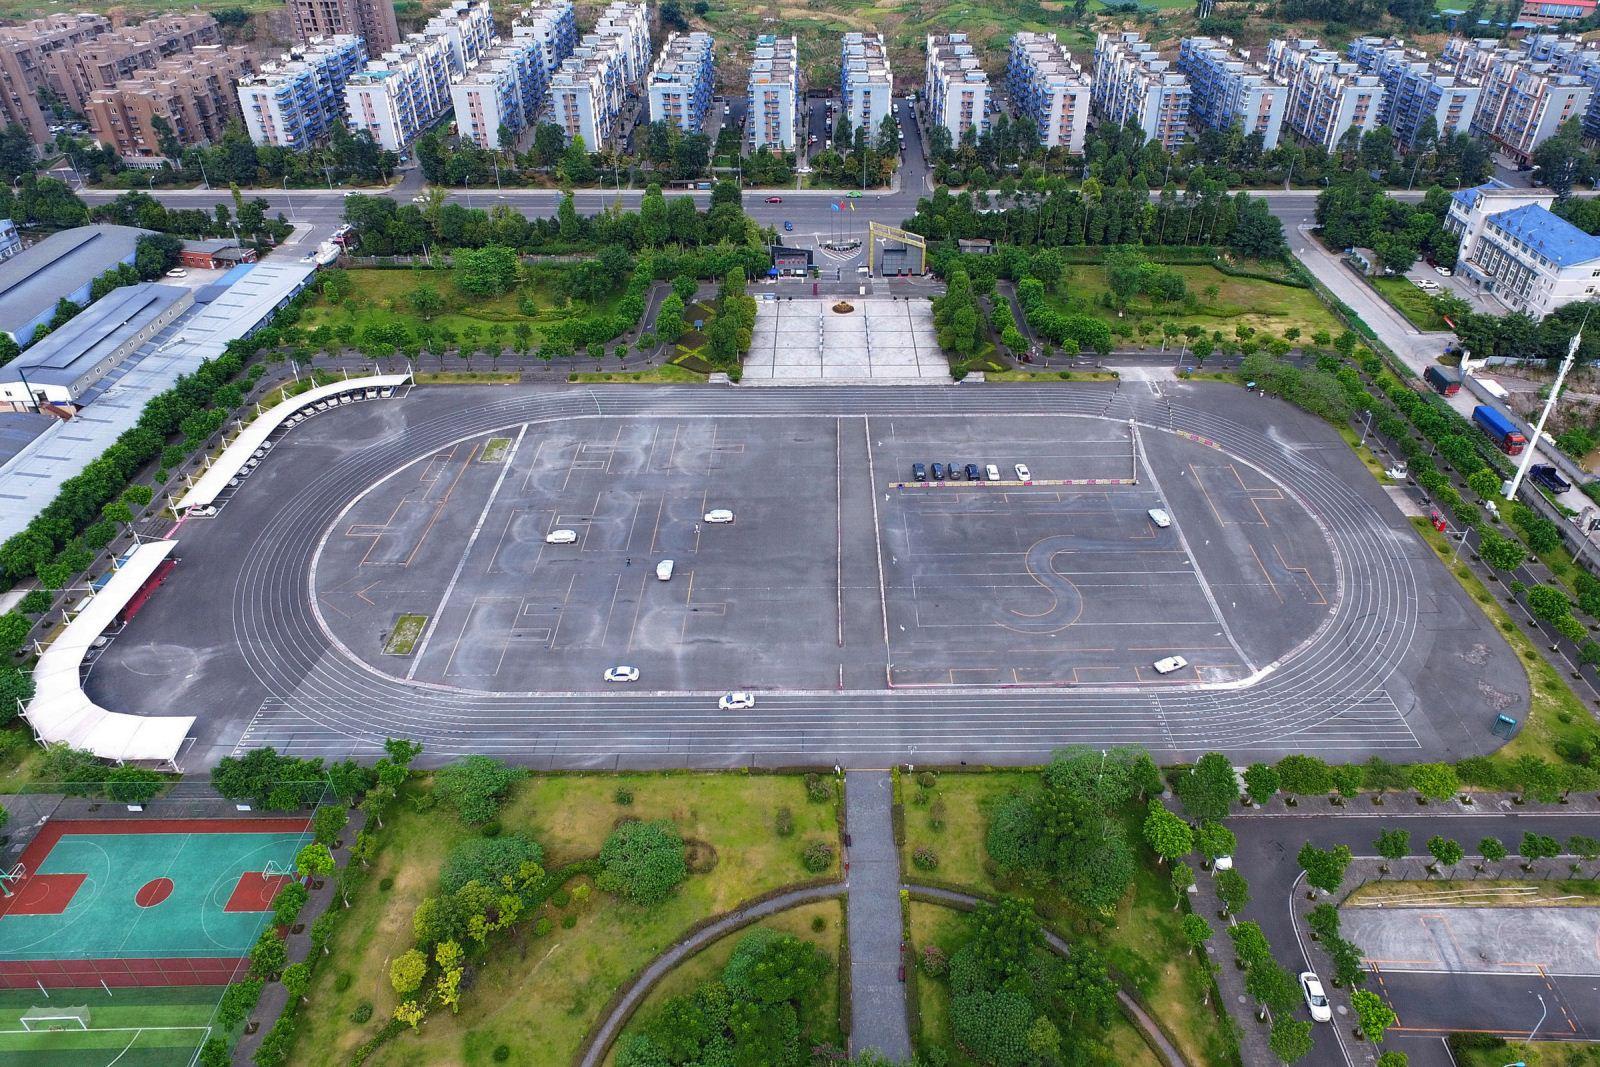 重庆正规的无人机培训机构-重庆同汇通用航空有限公司怎么样?